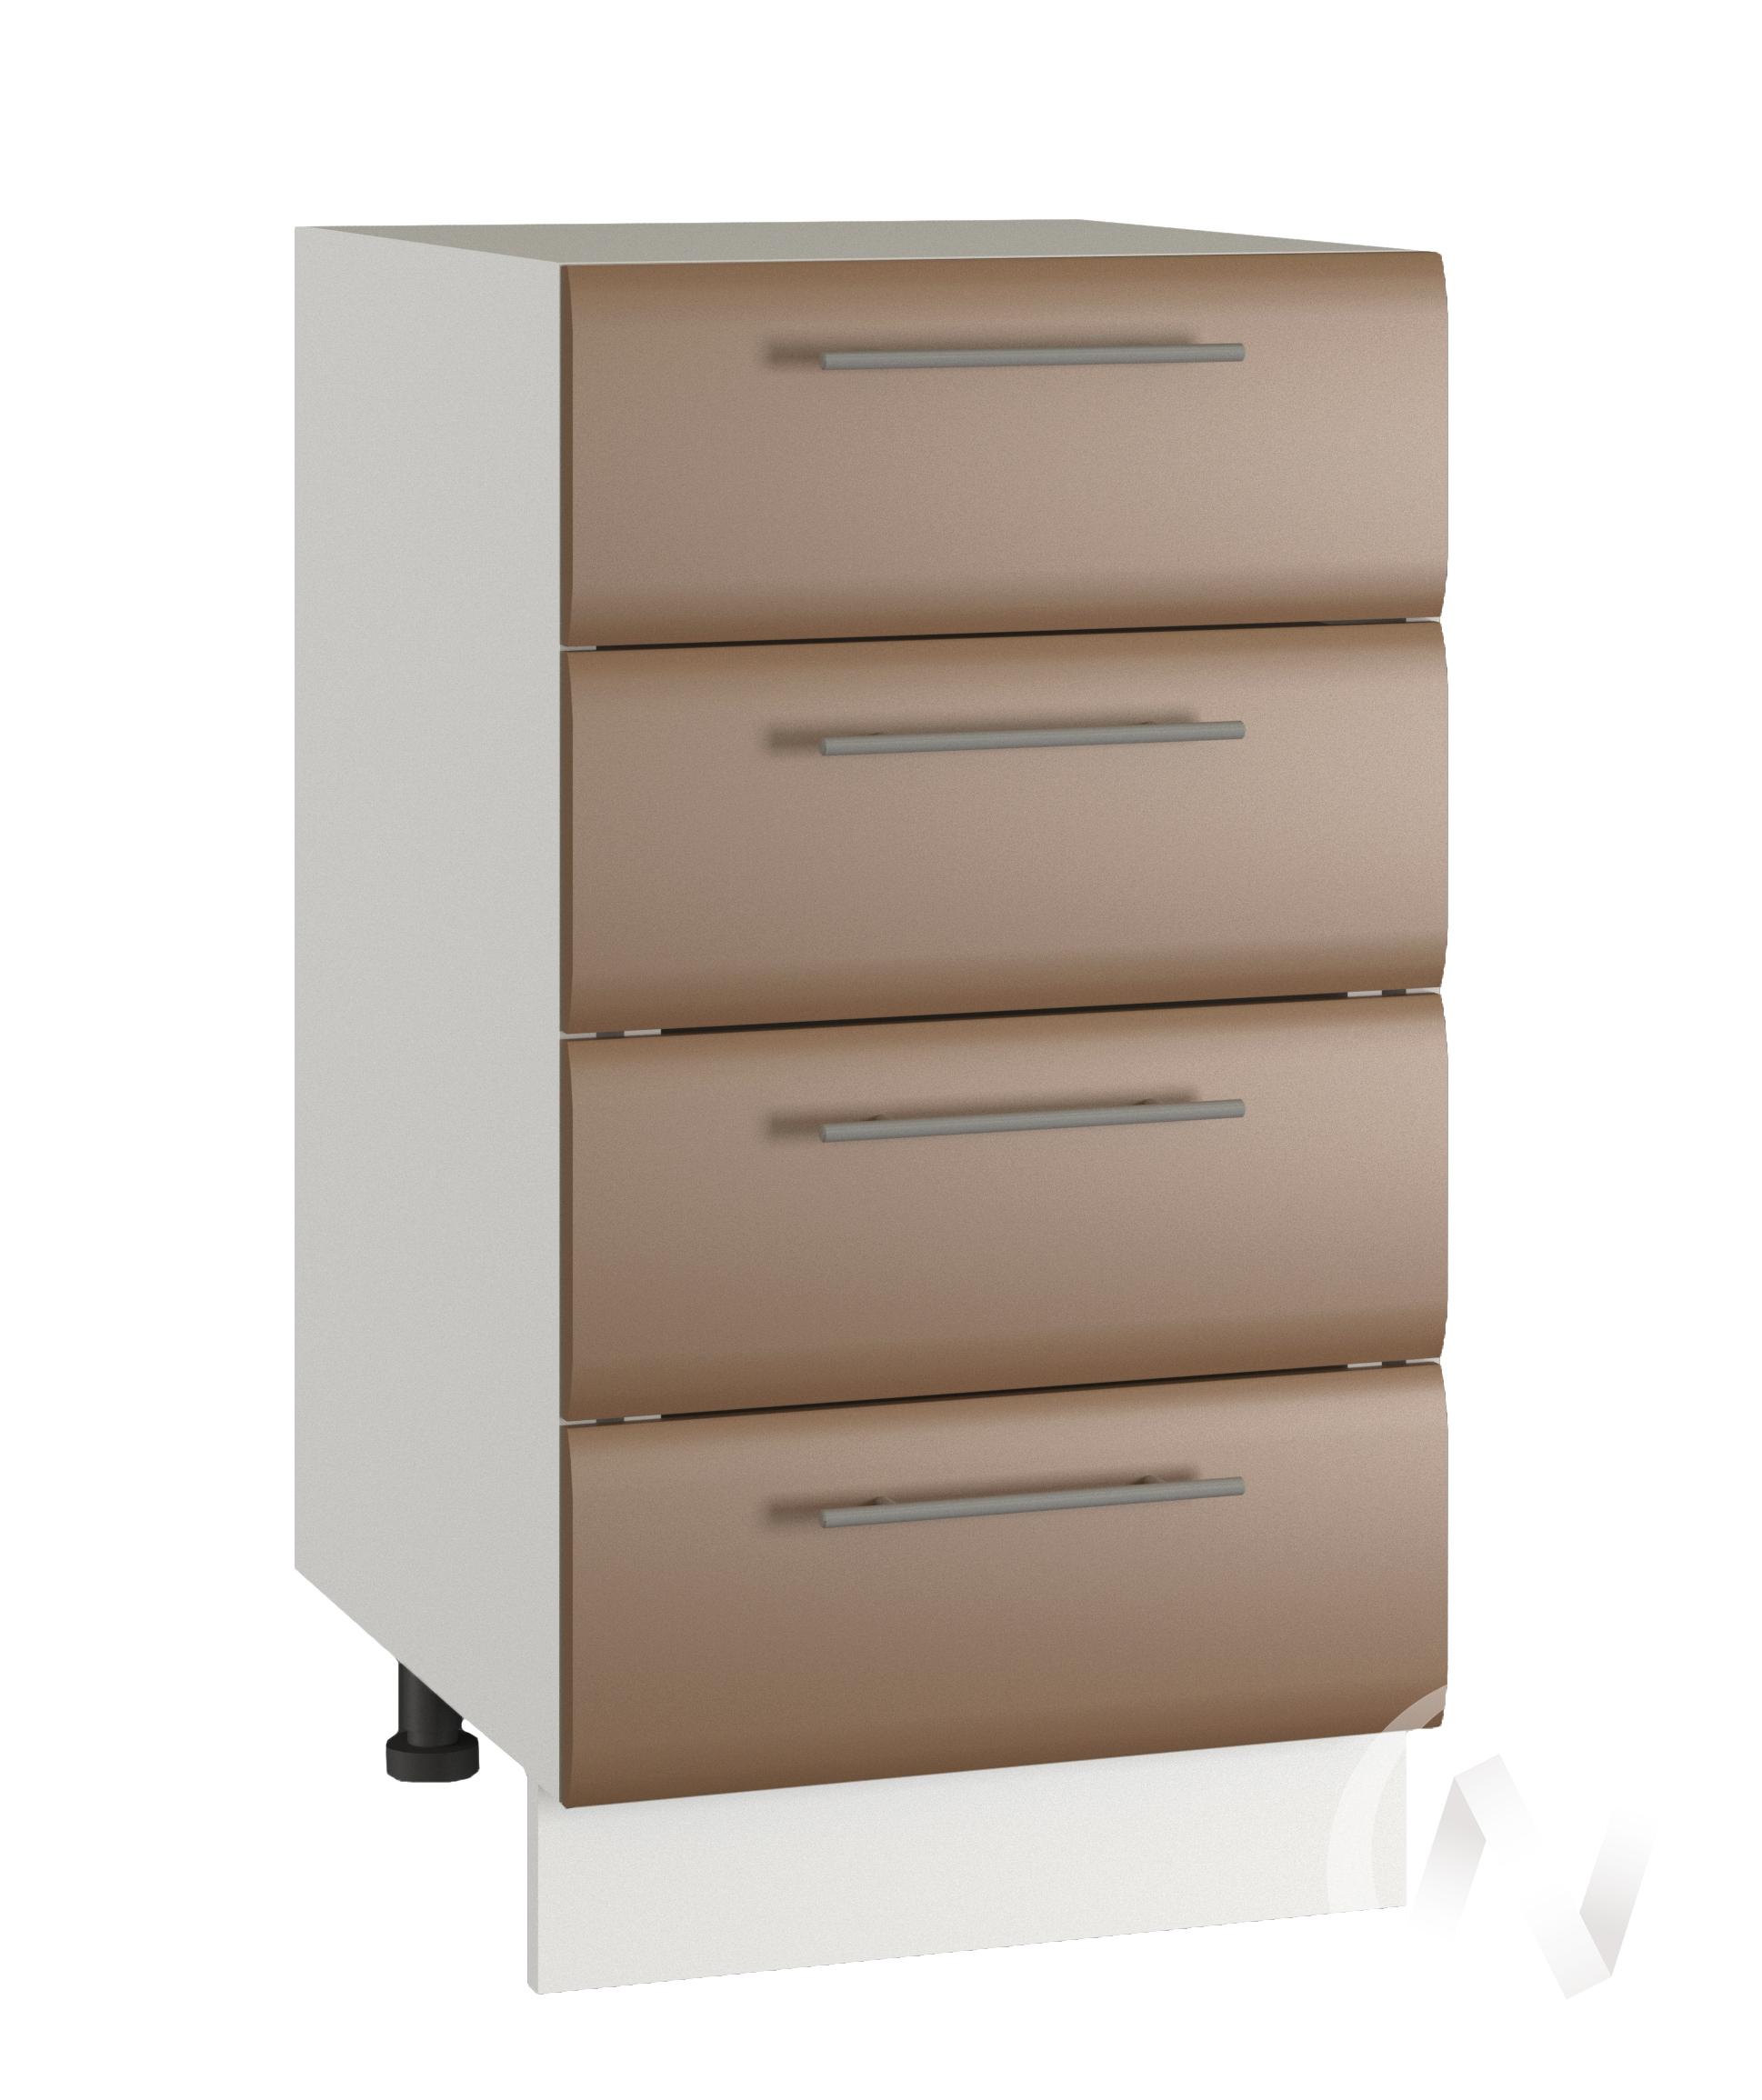 """Кухня """"Люкс"""": Шкаф нижний с 4-мя ящиками 400, ШН4Я 400 (Шоколад матовый/корпус белый)"""